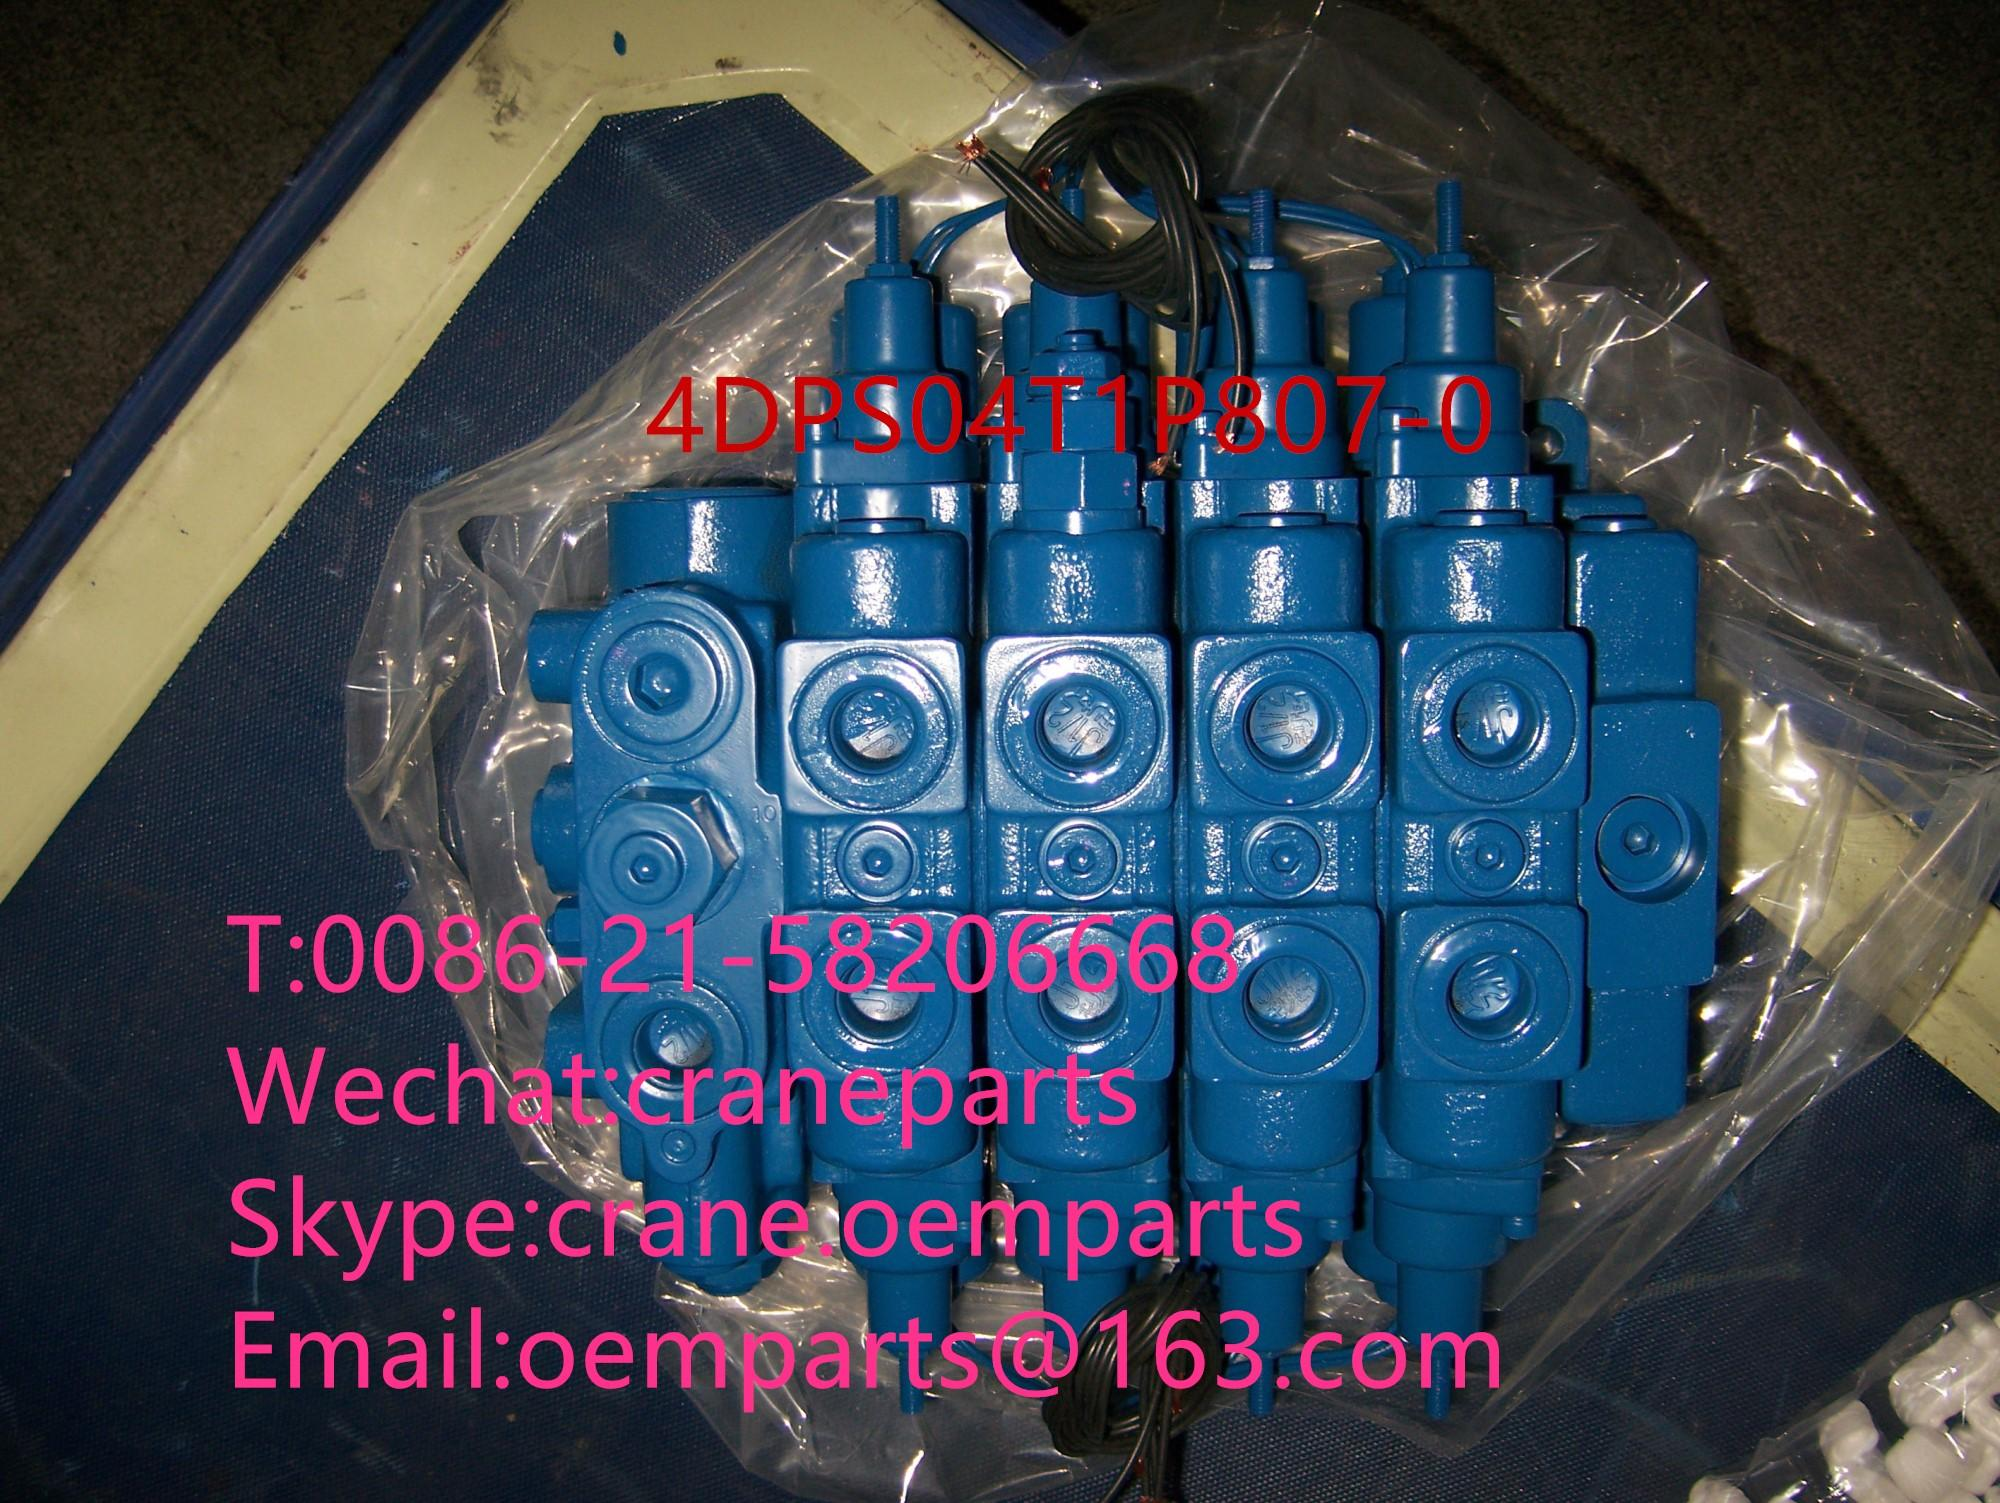 爱知高空作业车液压阀4DP04T1P678-0 2